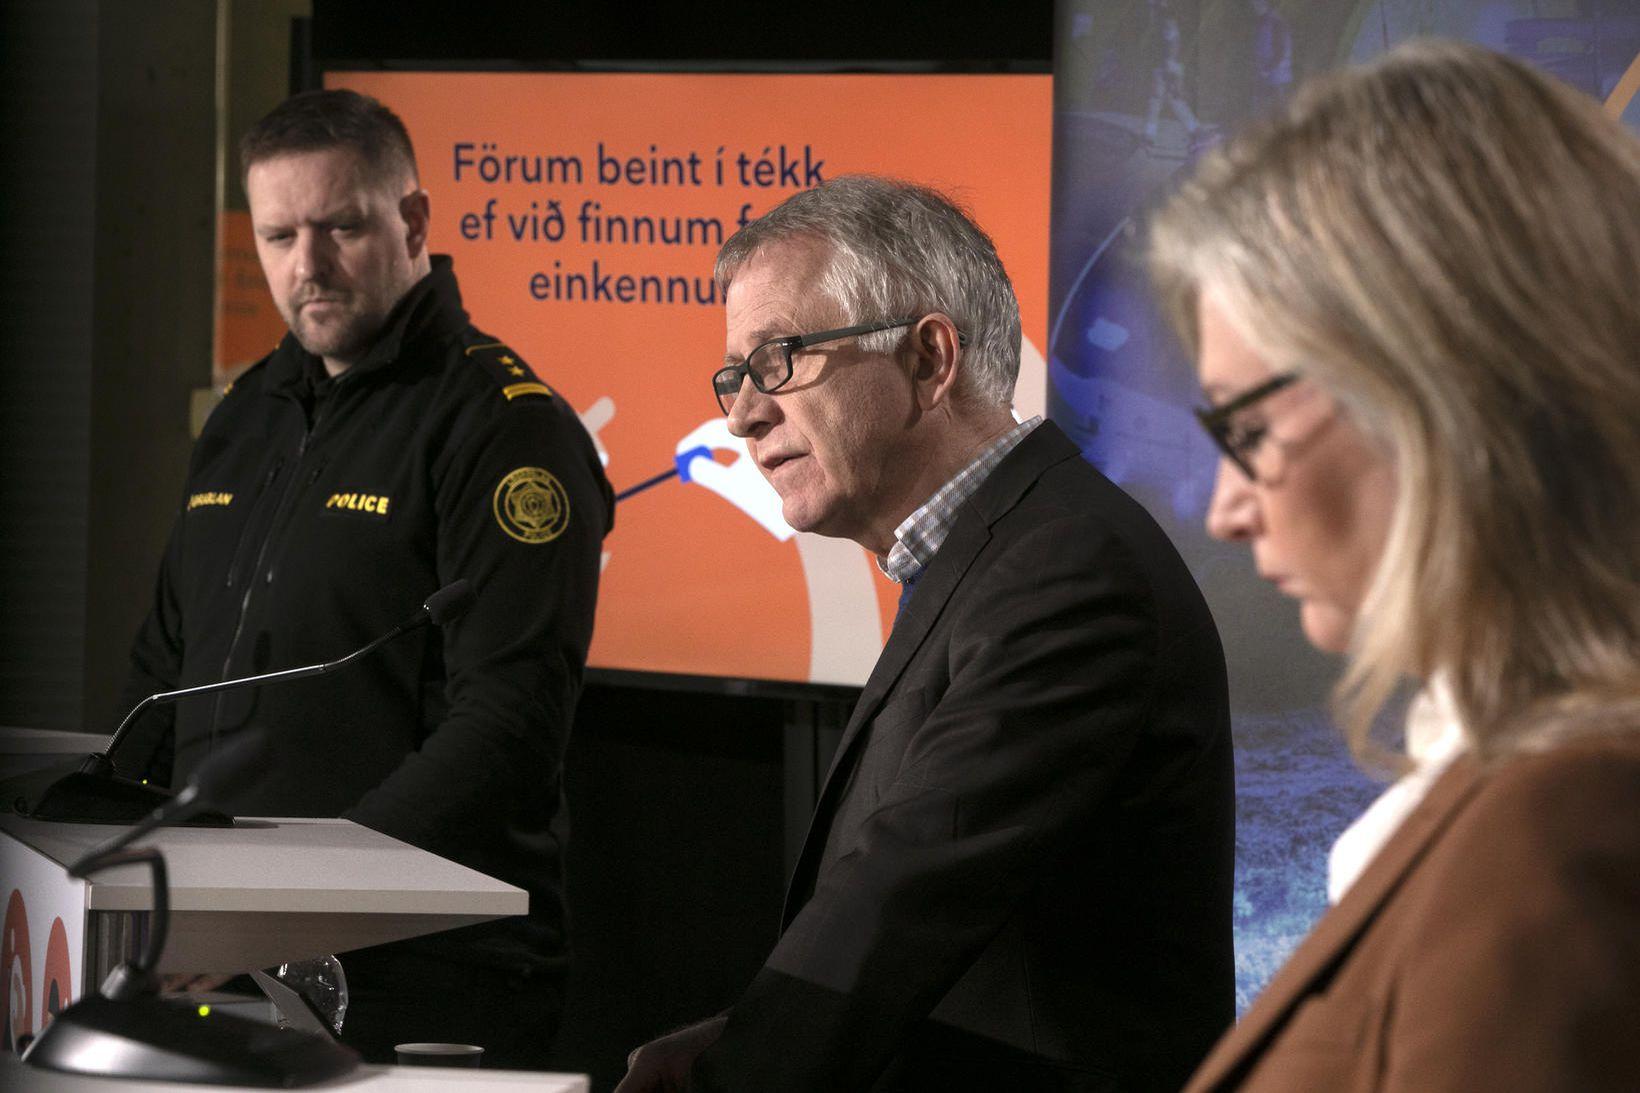 Rögnvaldur Ólafsson, Þórólfur Guðnason og Alma Möller.